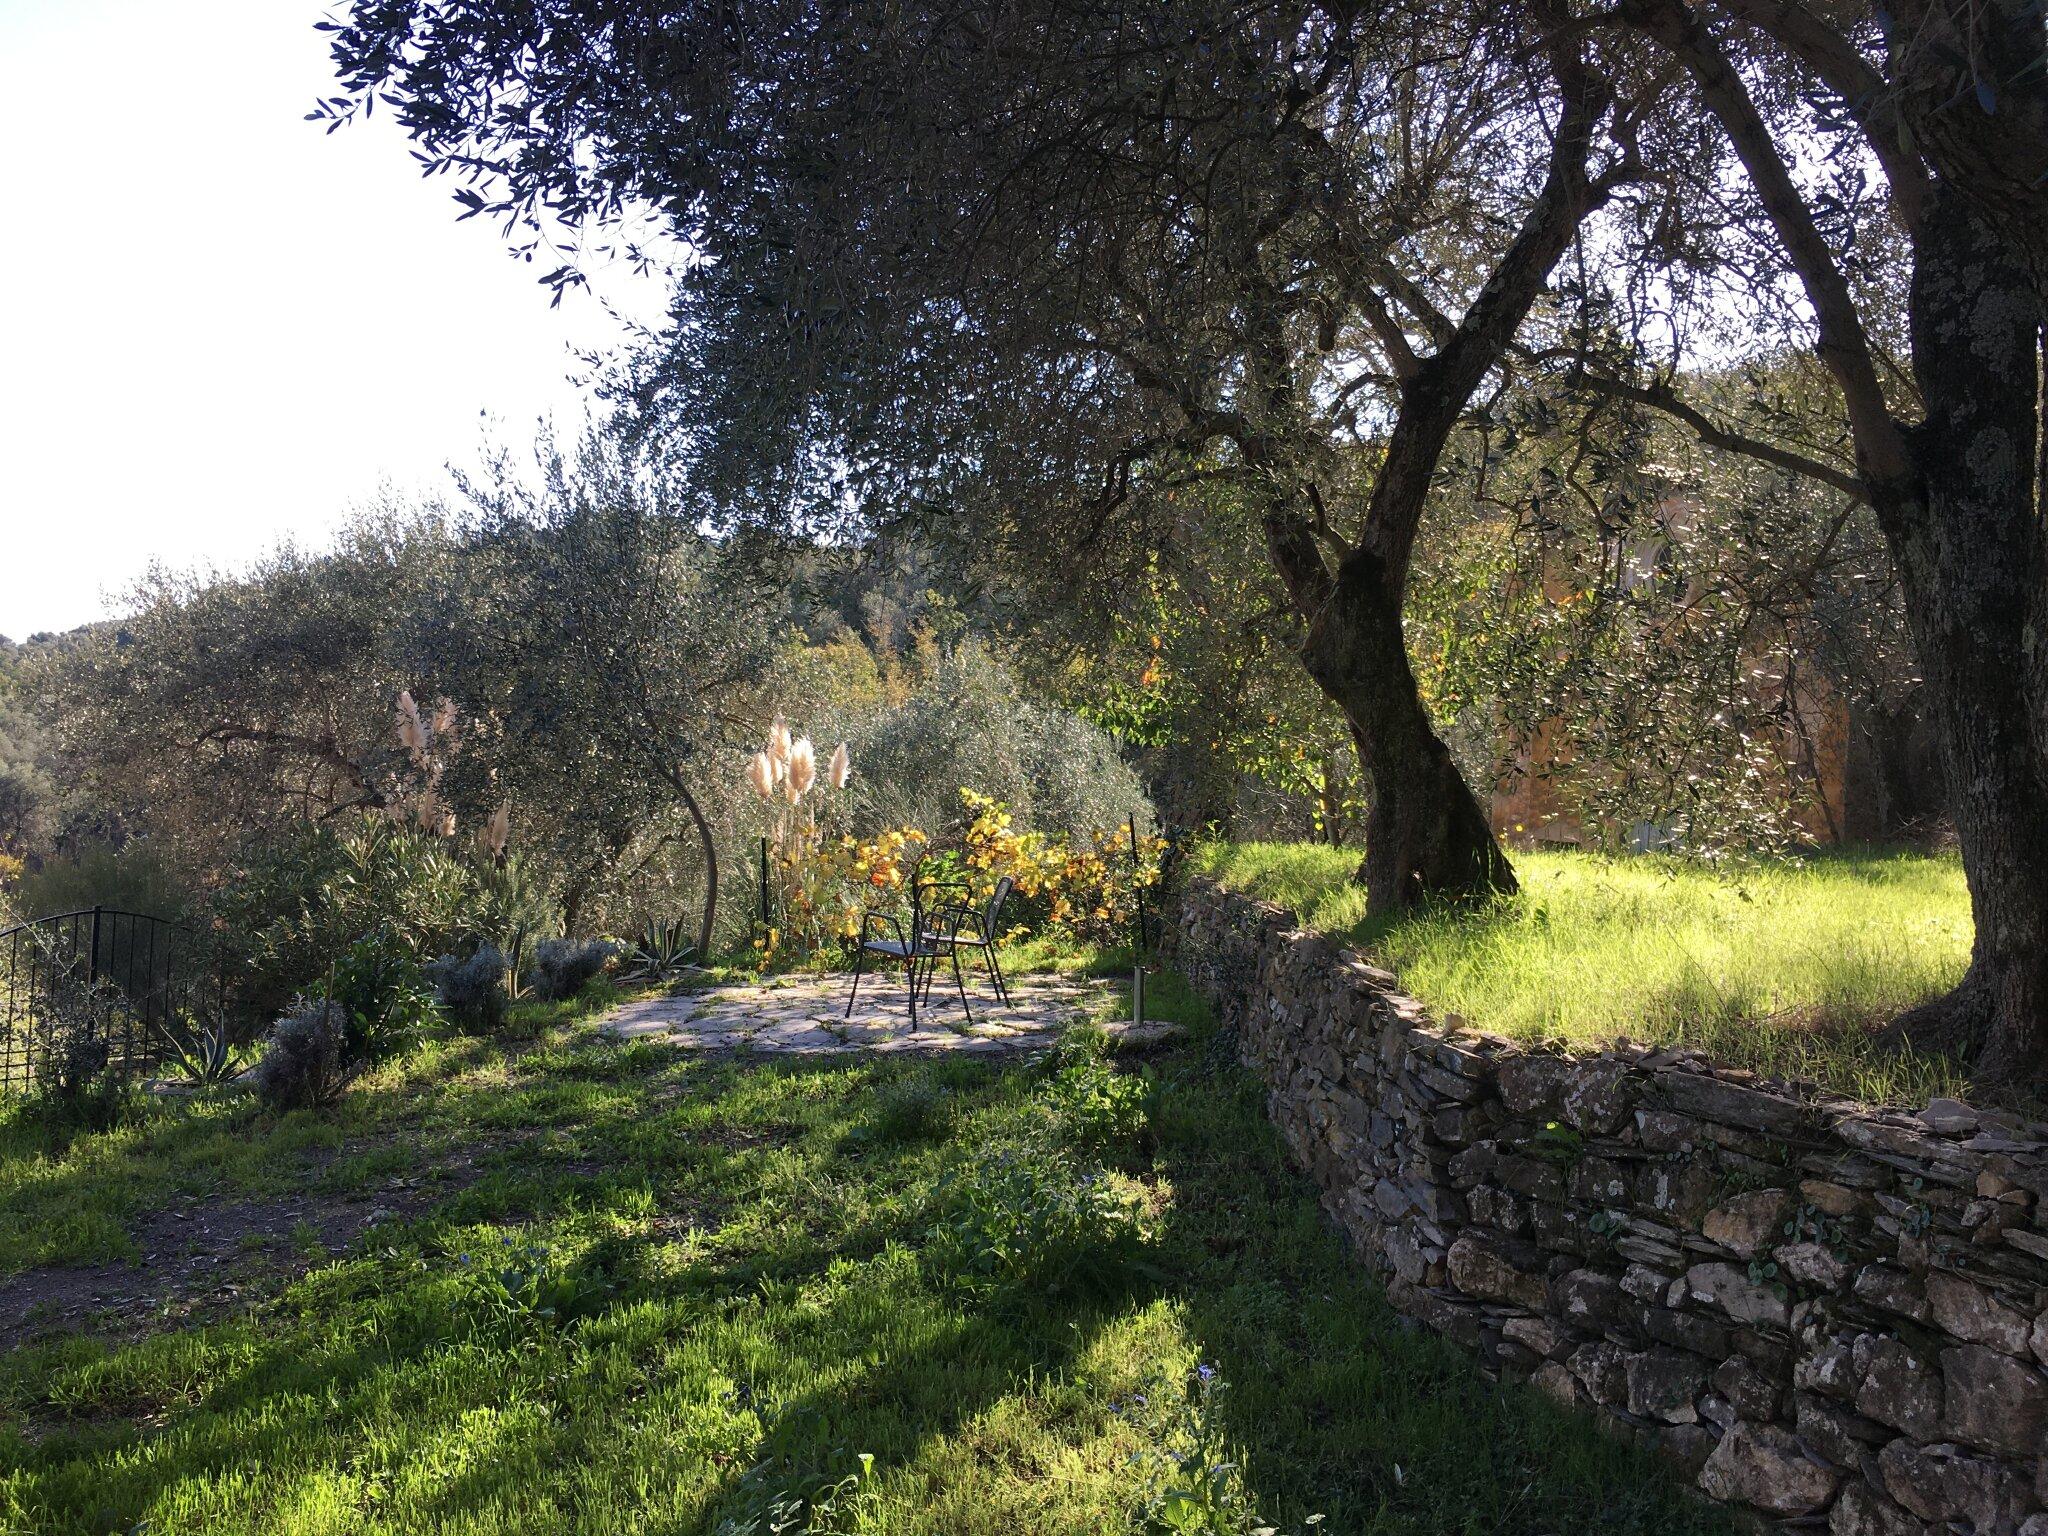 Blick in den Garten Richtung Auffahrt